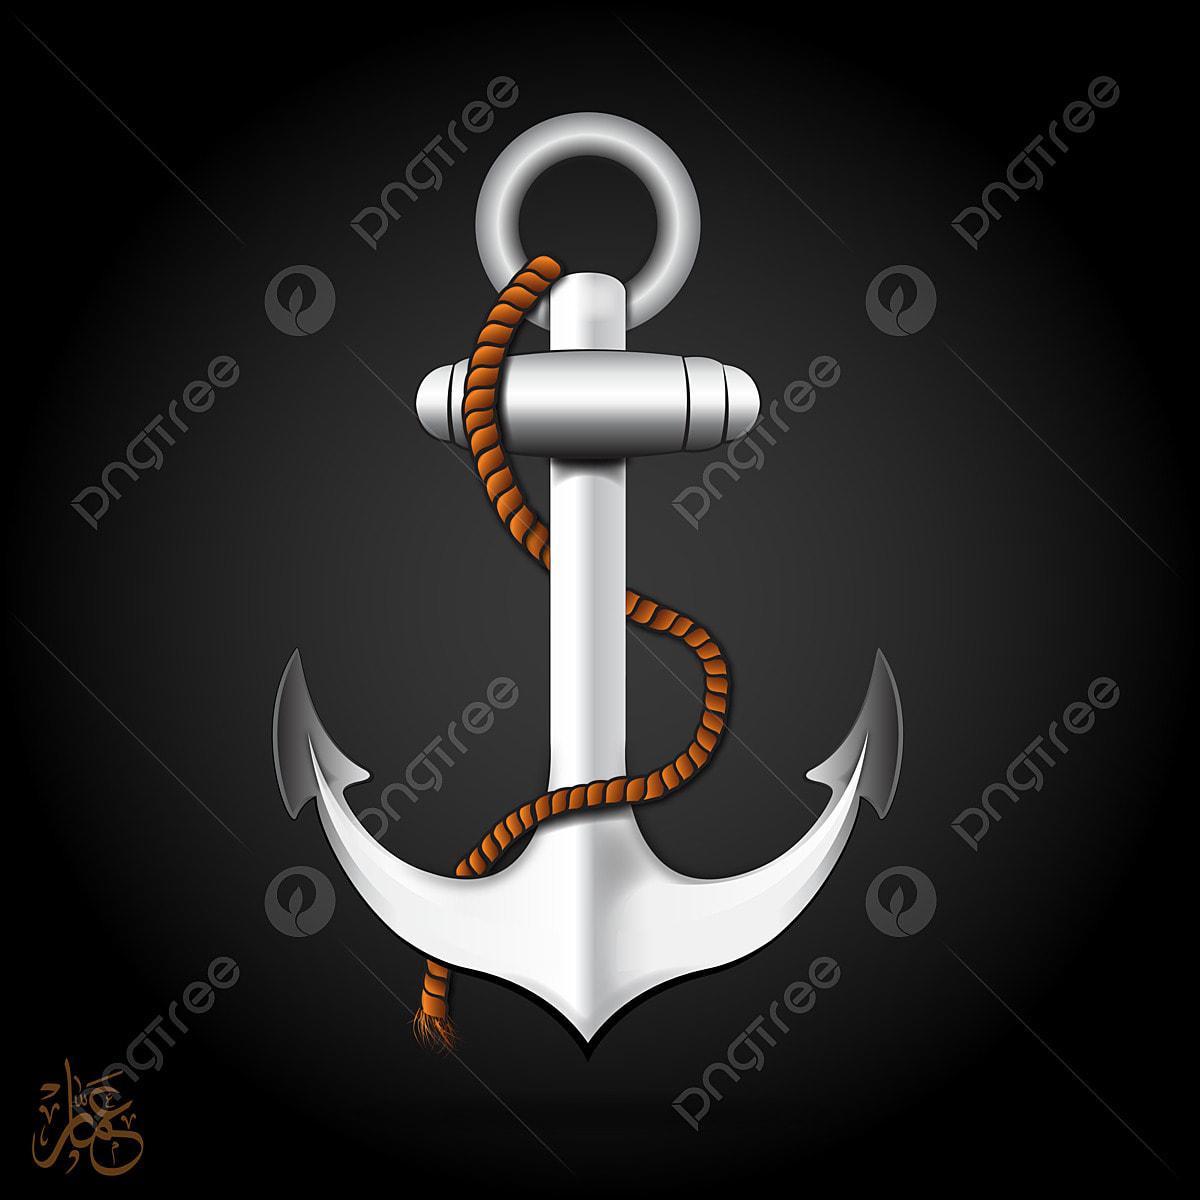 gambar jangkar png vektor psd dan clipart dengan latar belakang transparan untuk download gratis pngtree https id pngtree com freepng vector anchor ship 4976784 html